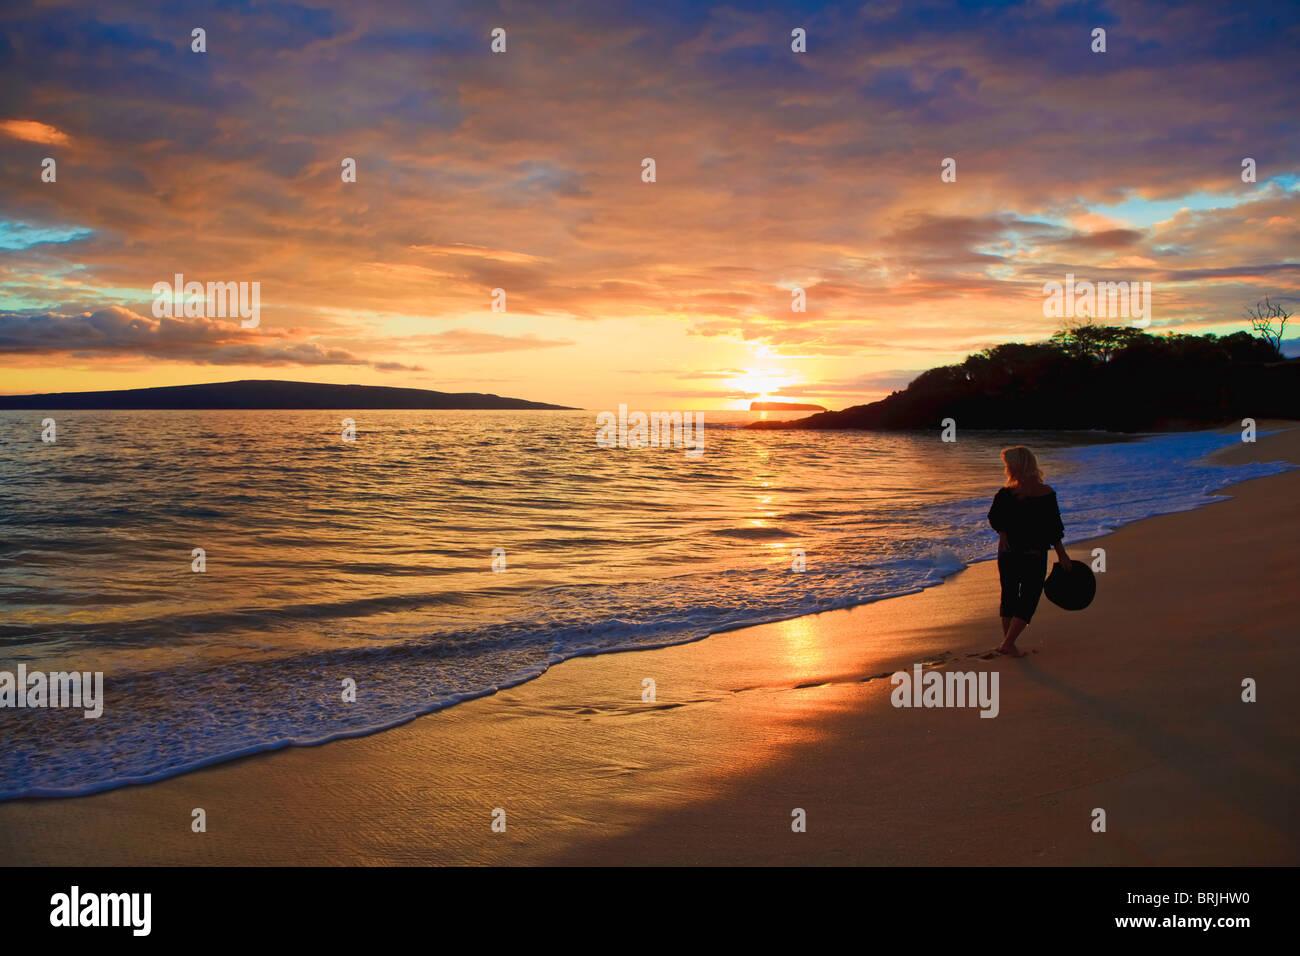 schöne Mittelalter Frau zu Fuß am Ufer allein auf Makena Beach, Maui bei Sonnenuntergang Stockbild